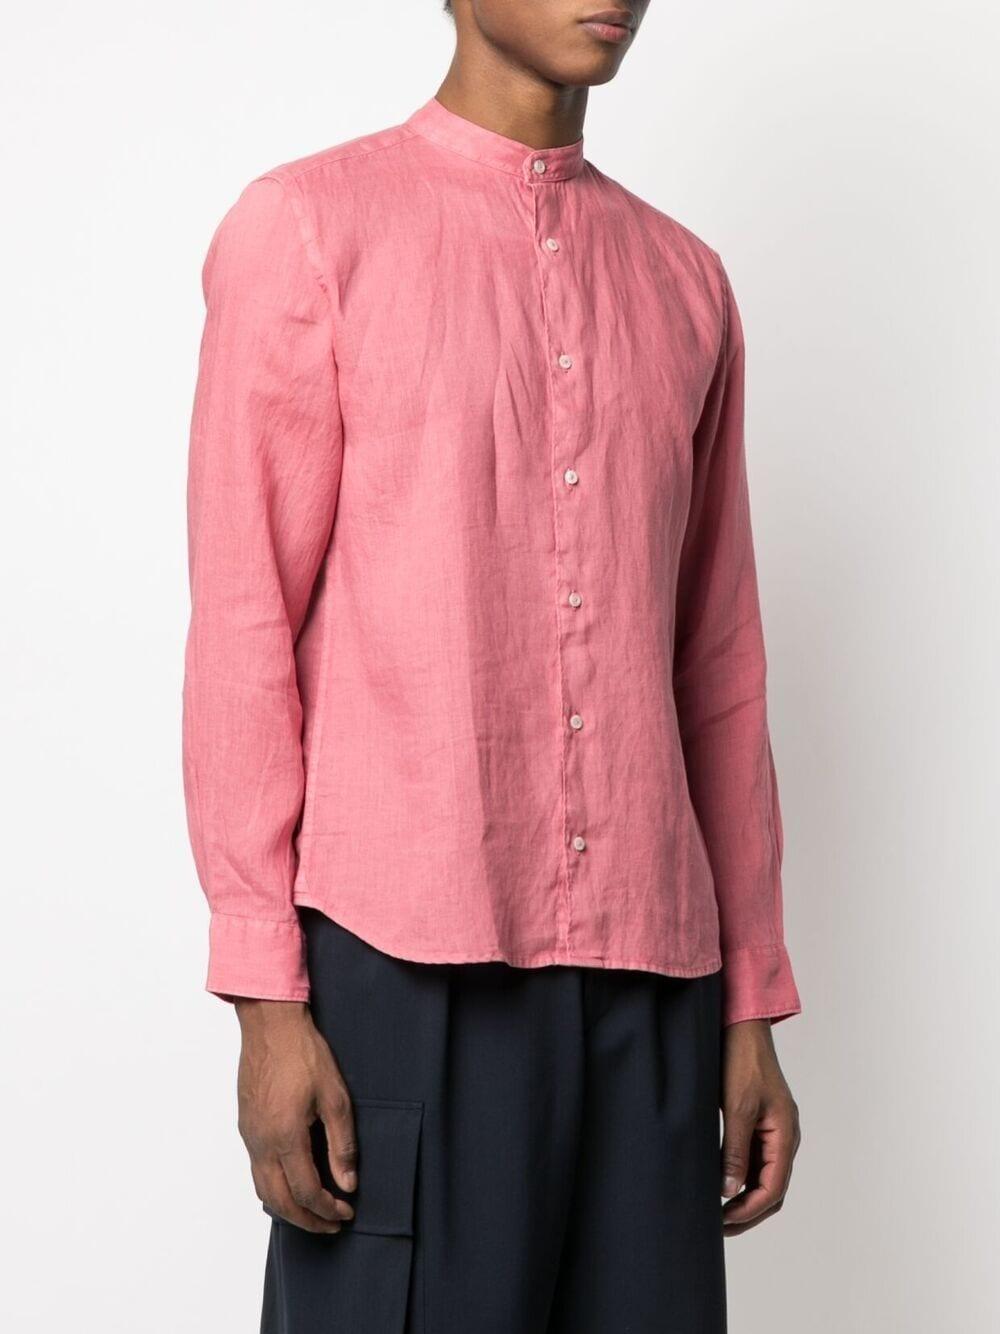 Rose pink linen band collar shirt  ALTEA |  | 215400468